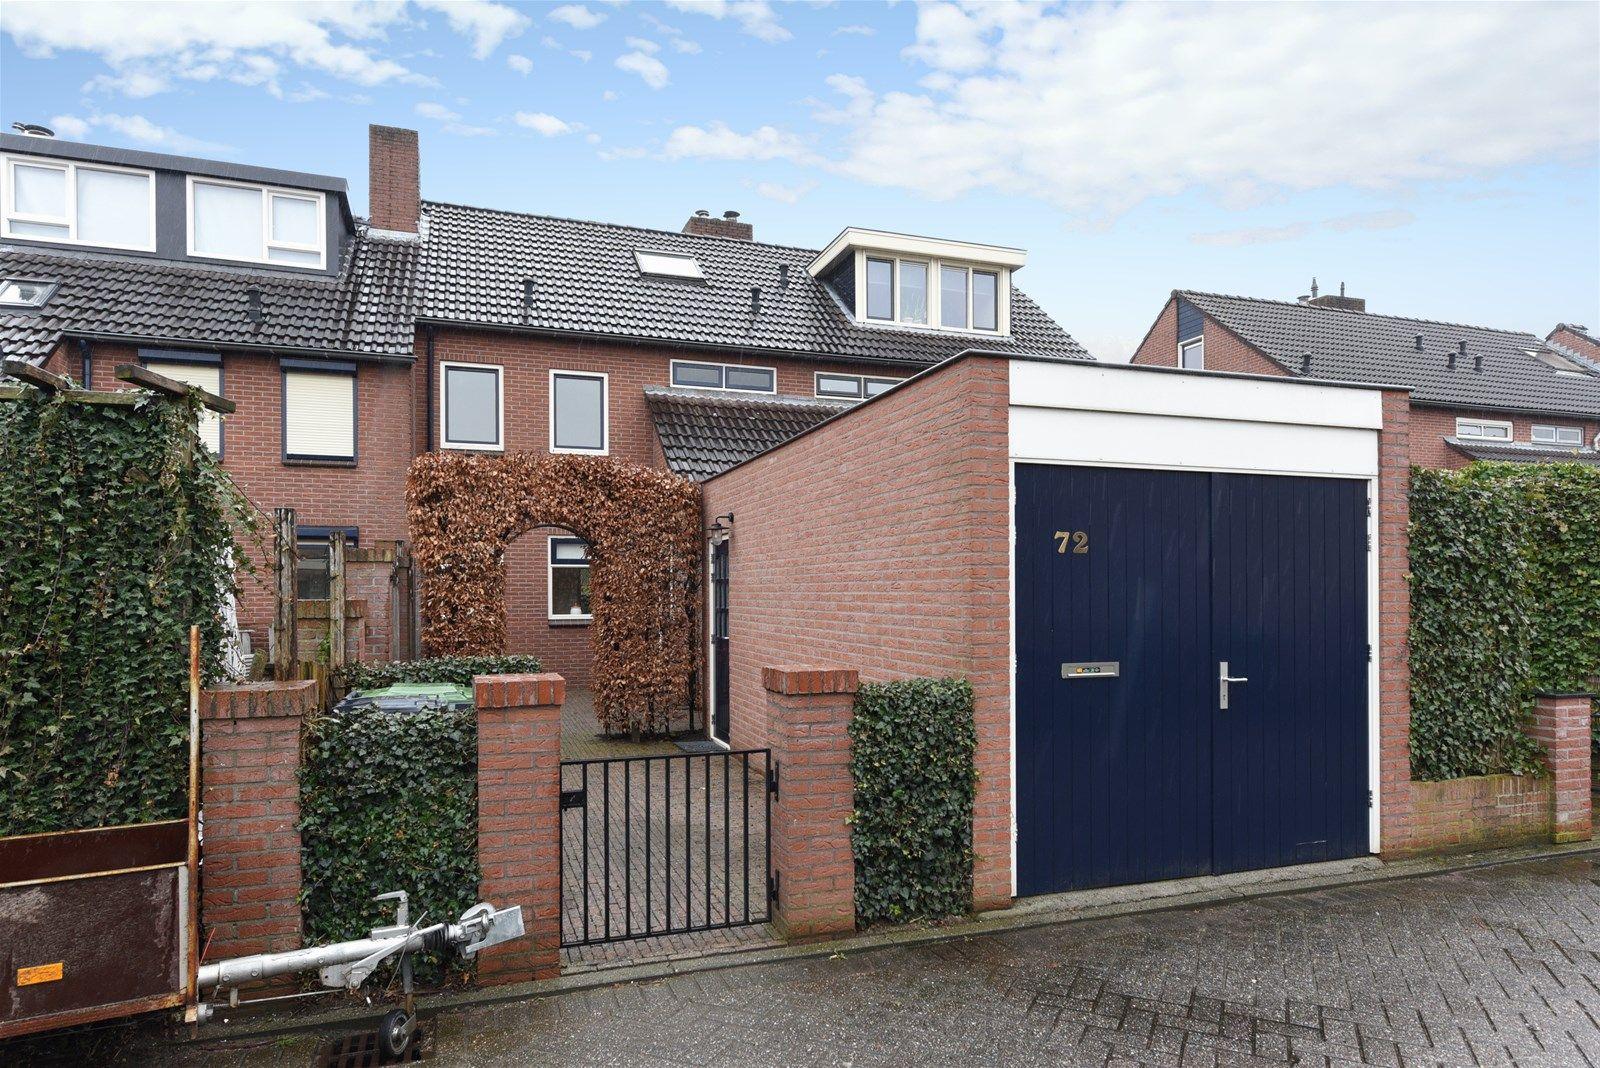 Wezelhof 72, Silvolde